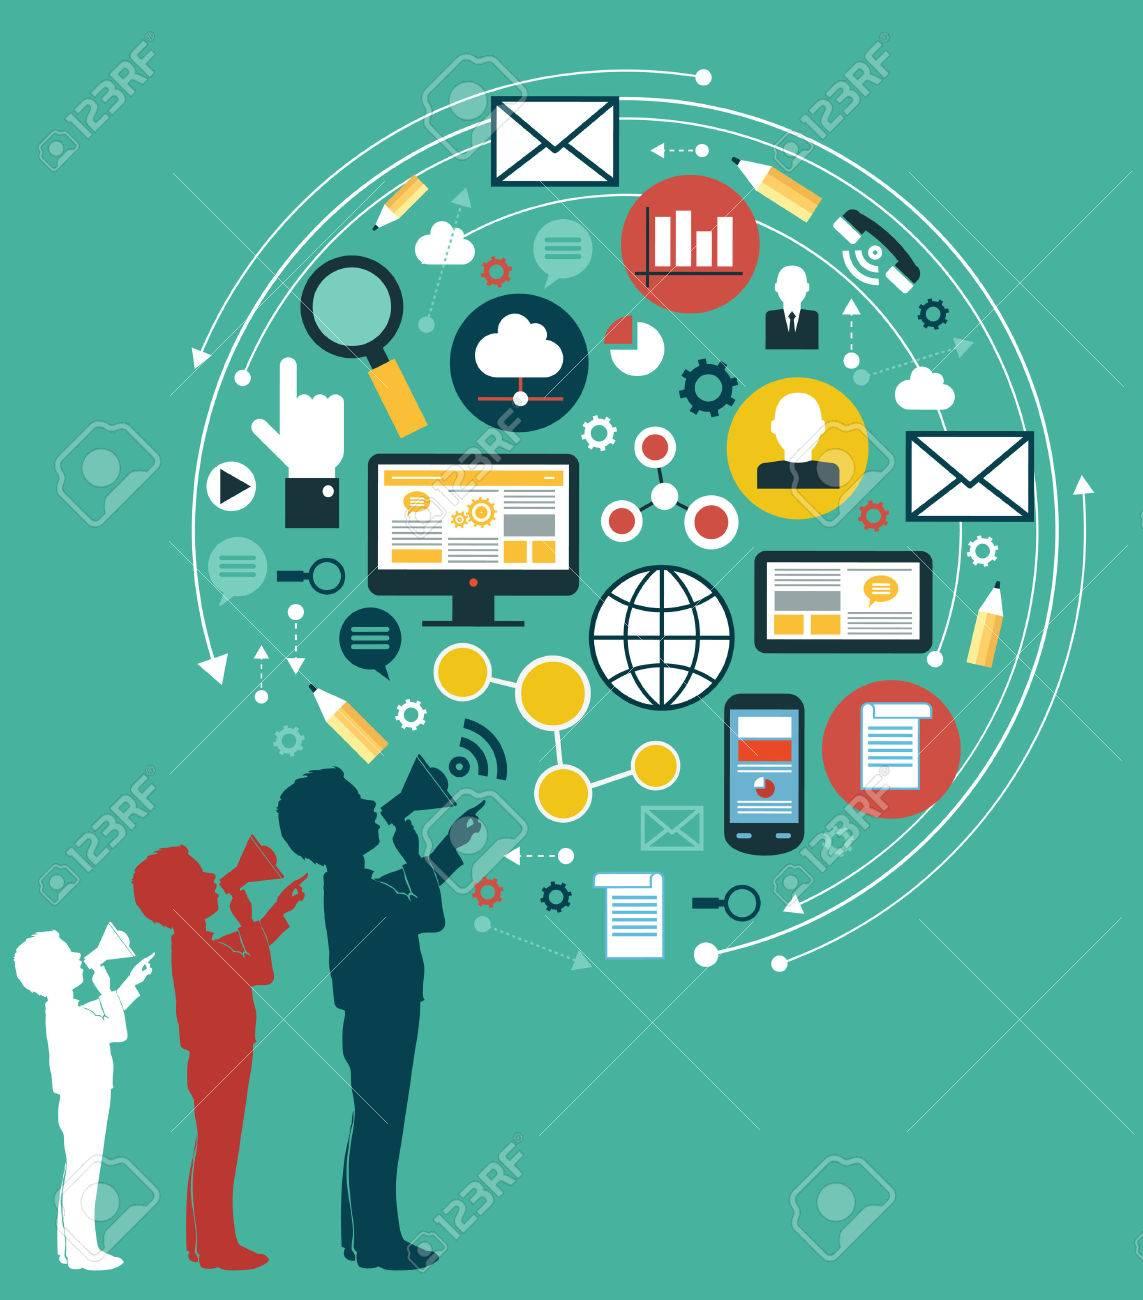 Digitale Marketing-Konzept. Menschliche Hand, die mit einem Megaphon durch media icons umgeben Standard-Bild - 46515312